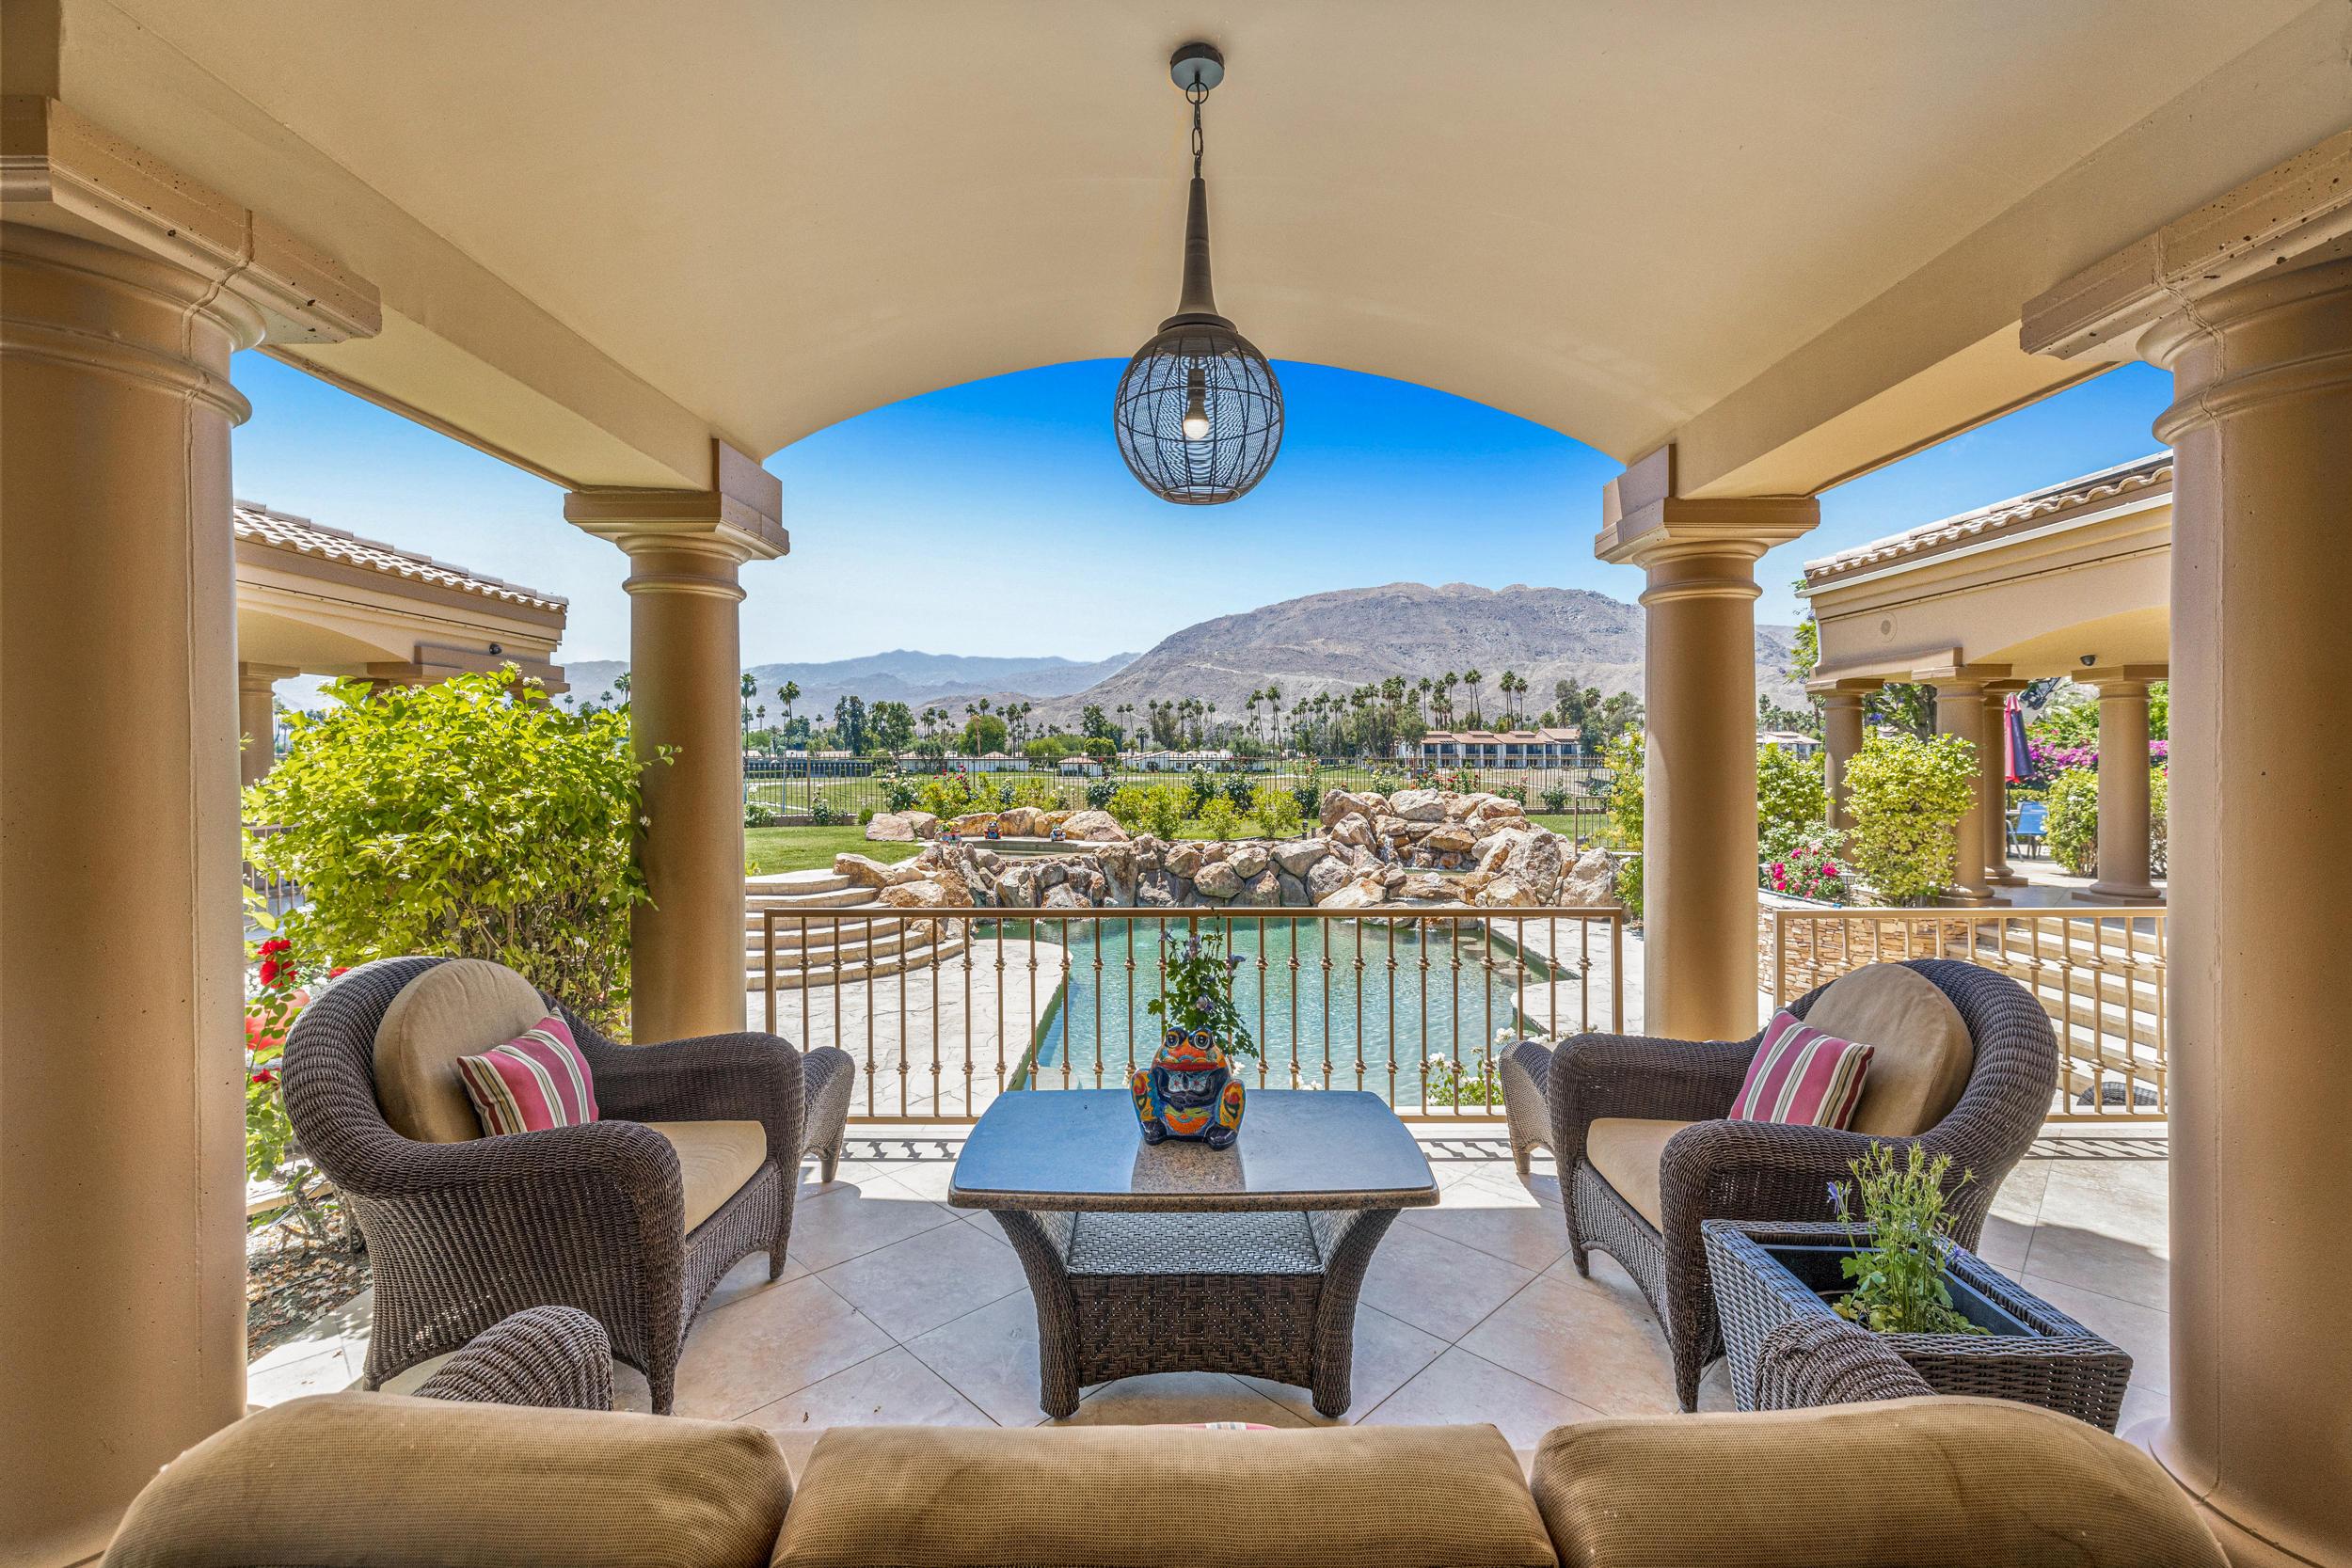 Photo of 18 Clancy Lane Estates, Rancho Mirage, CA 92270